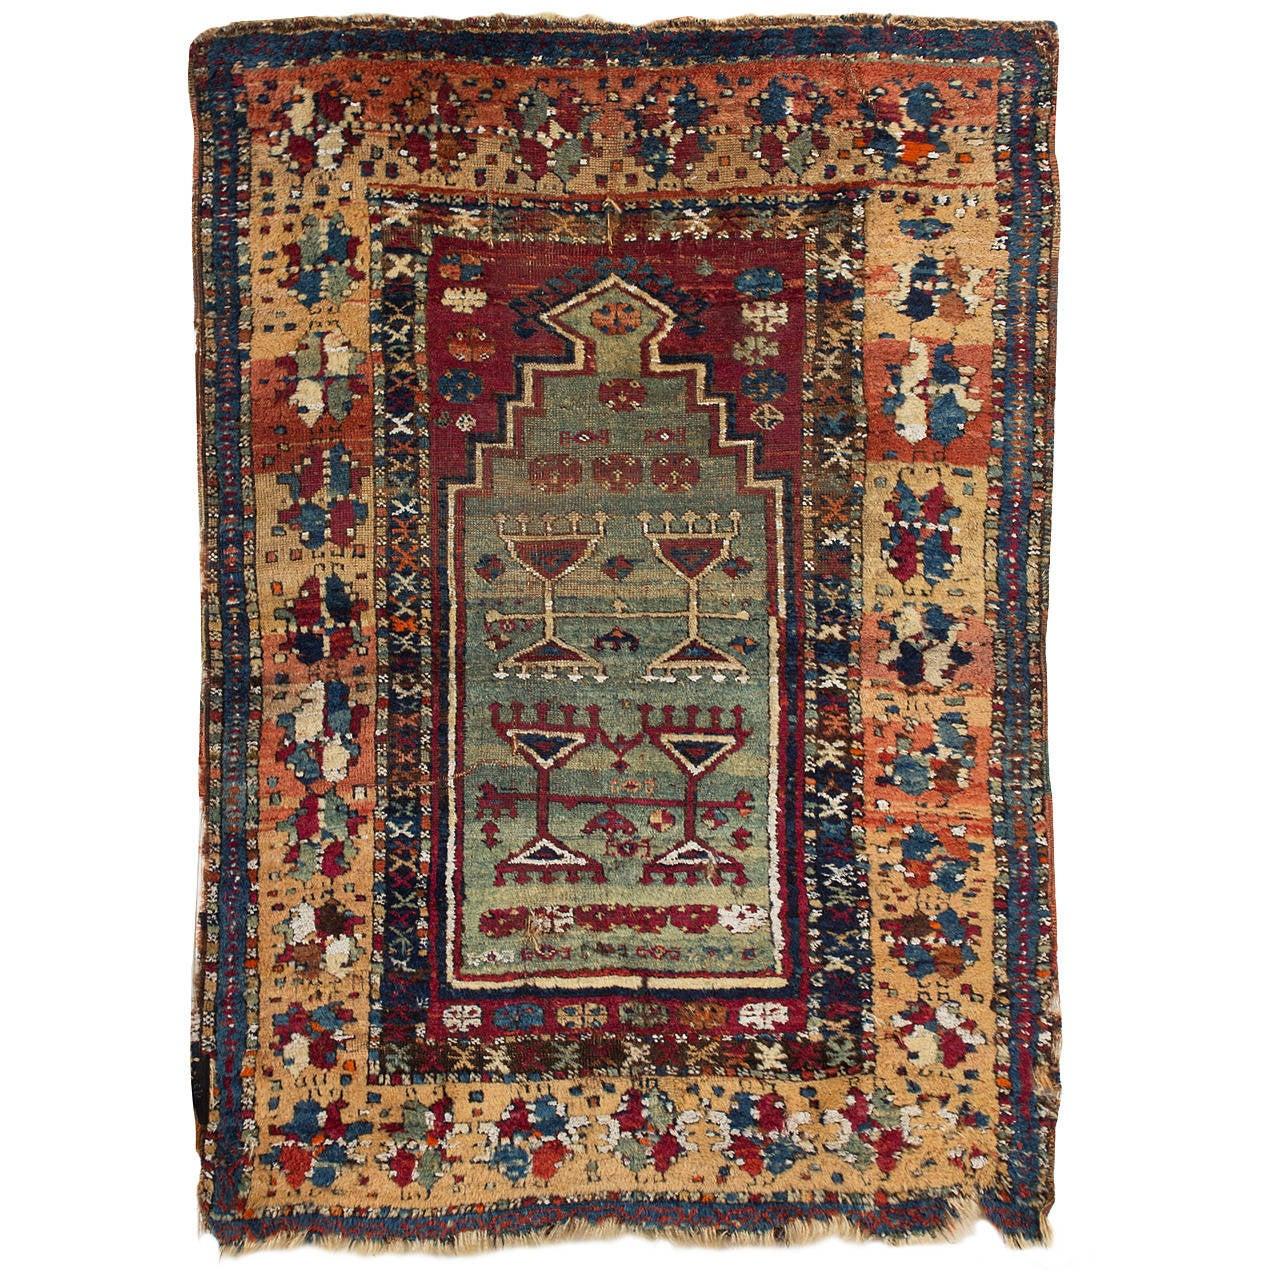 Rare And Antique Anatolian Antep-Malatya Kurdish Yuruk